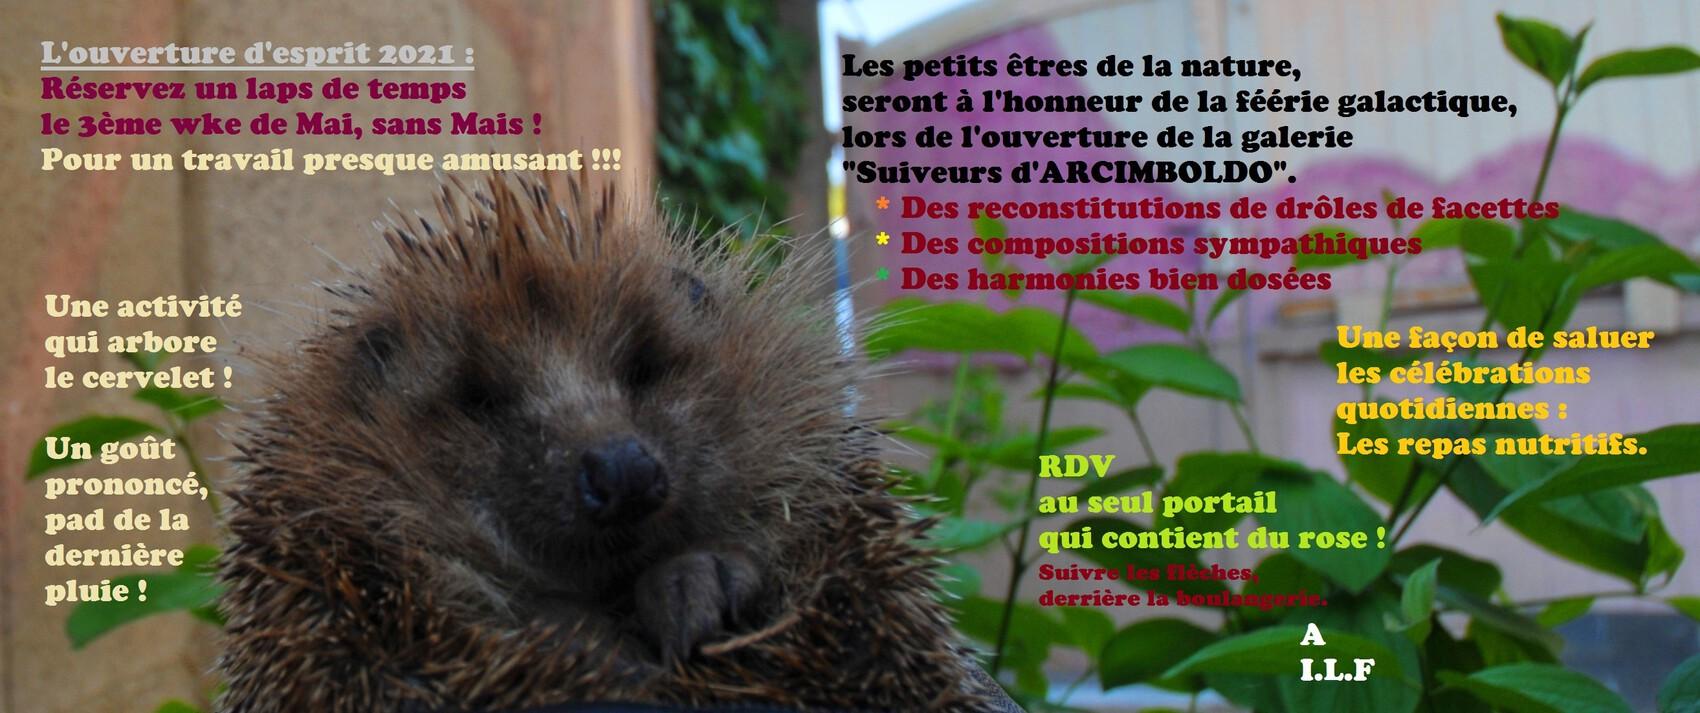 Les petits êtres de la nature invitent !